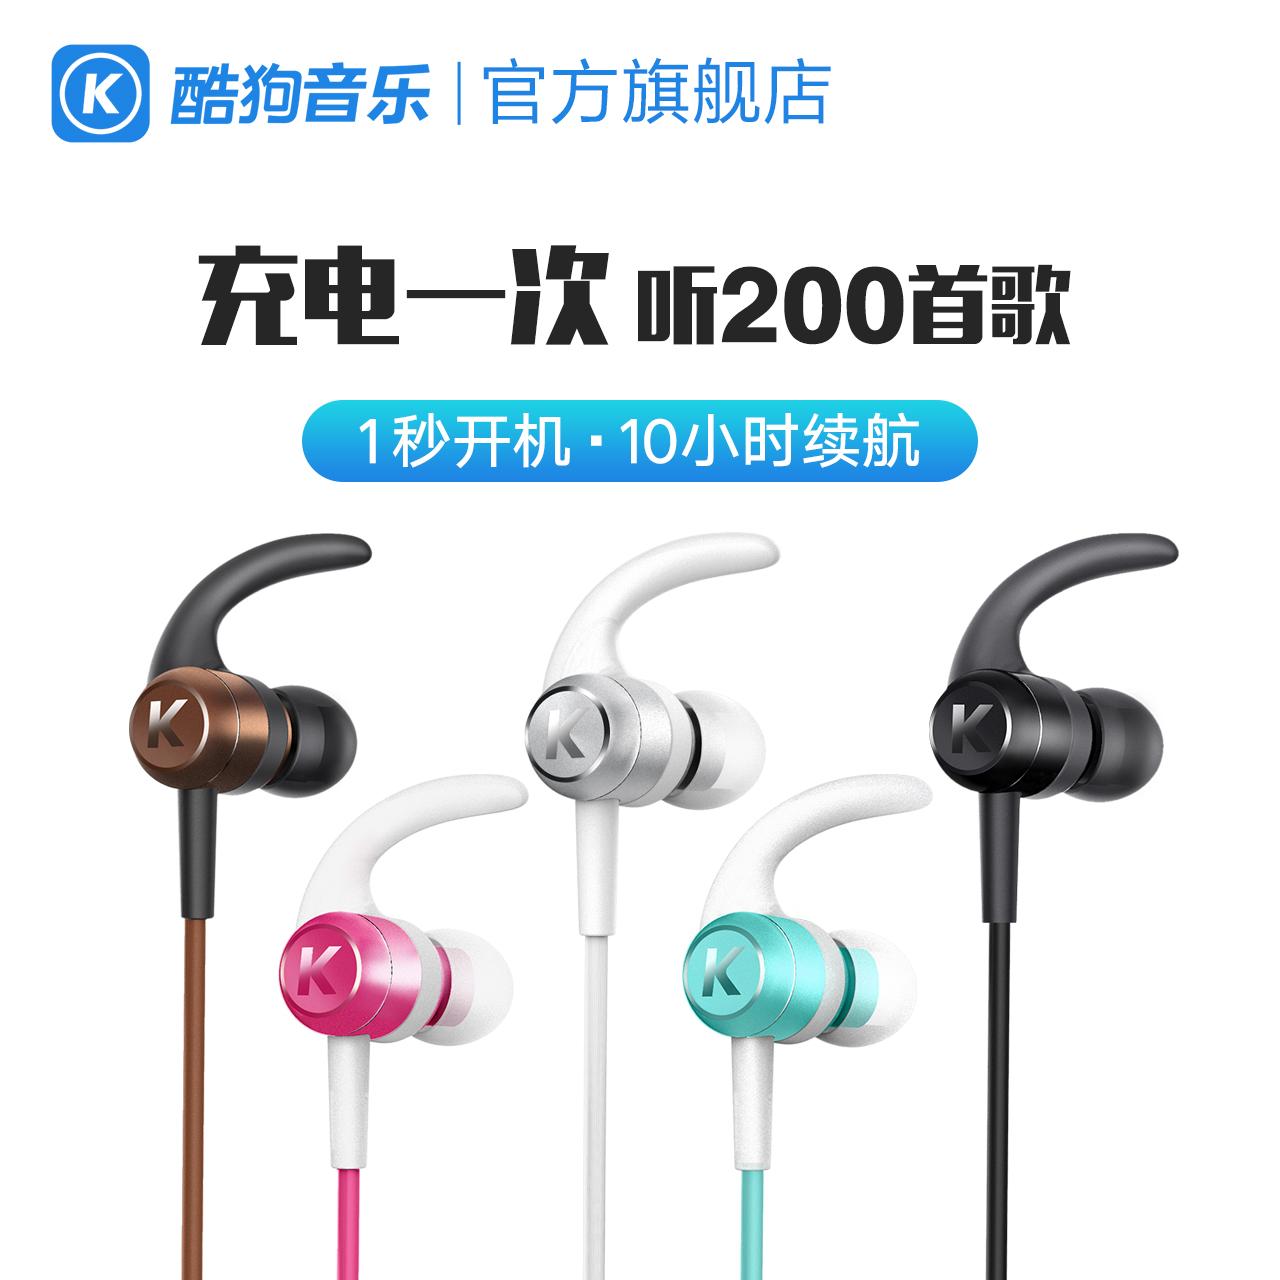 酷狗kugou M1升级版蓝牙耳机运动无线跑步入耳式耳塞迷你听歌超小